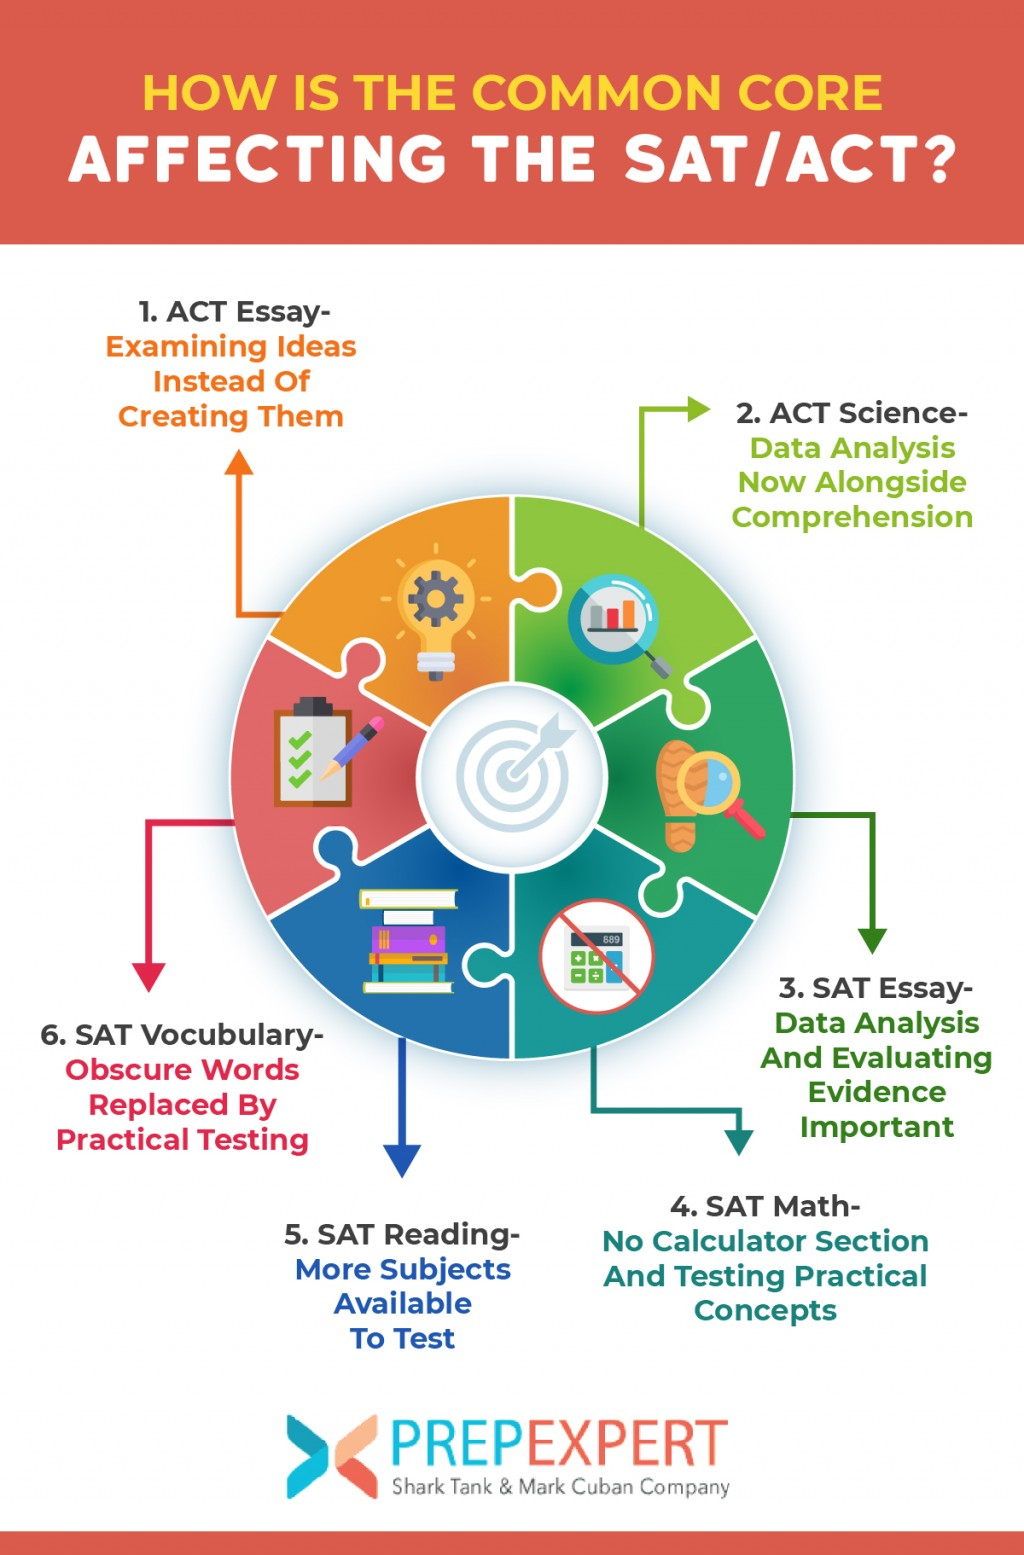 013 265272 Commoncore 073018 Does The Sat Essay Affect Your Score Stupendous 2016 Large